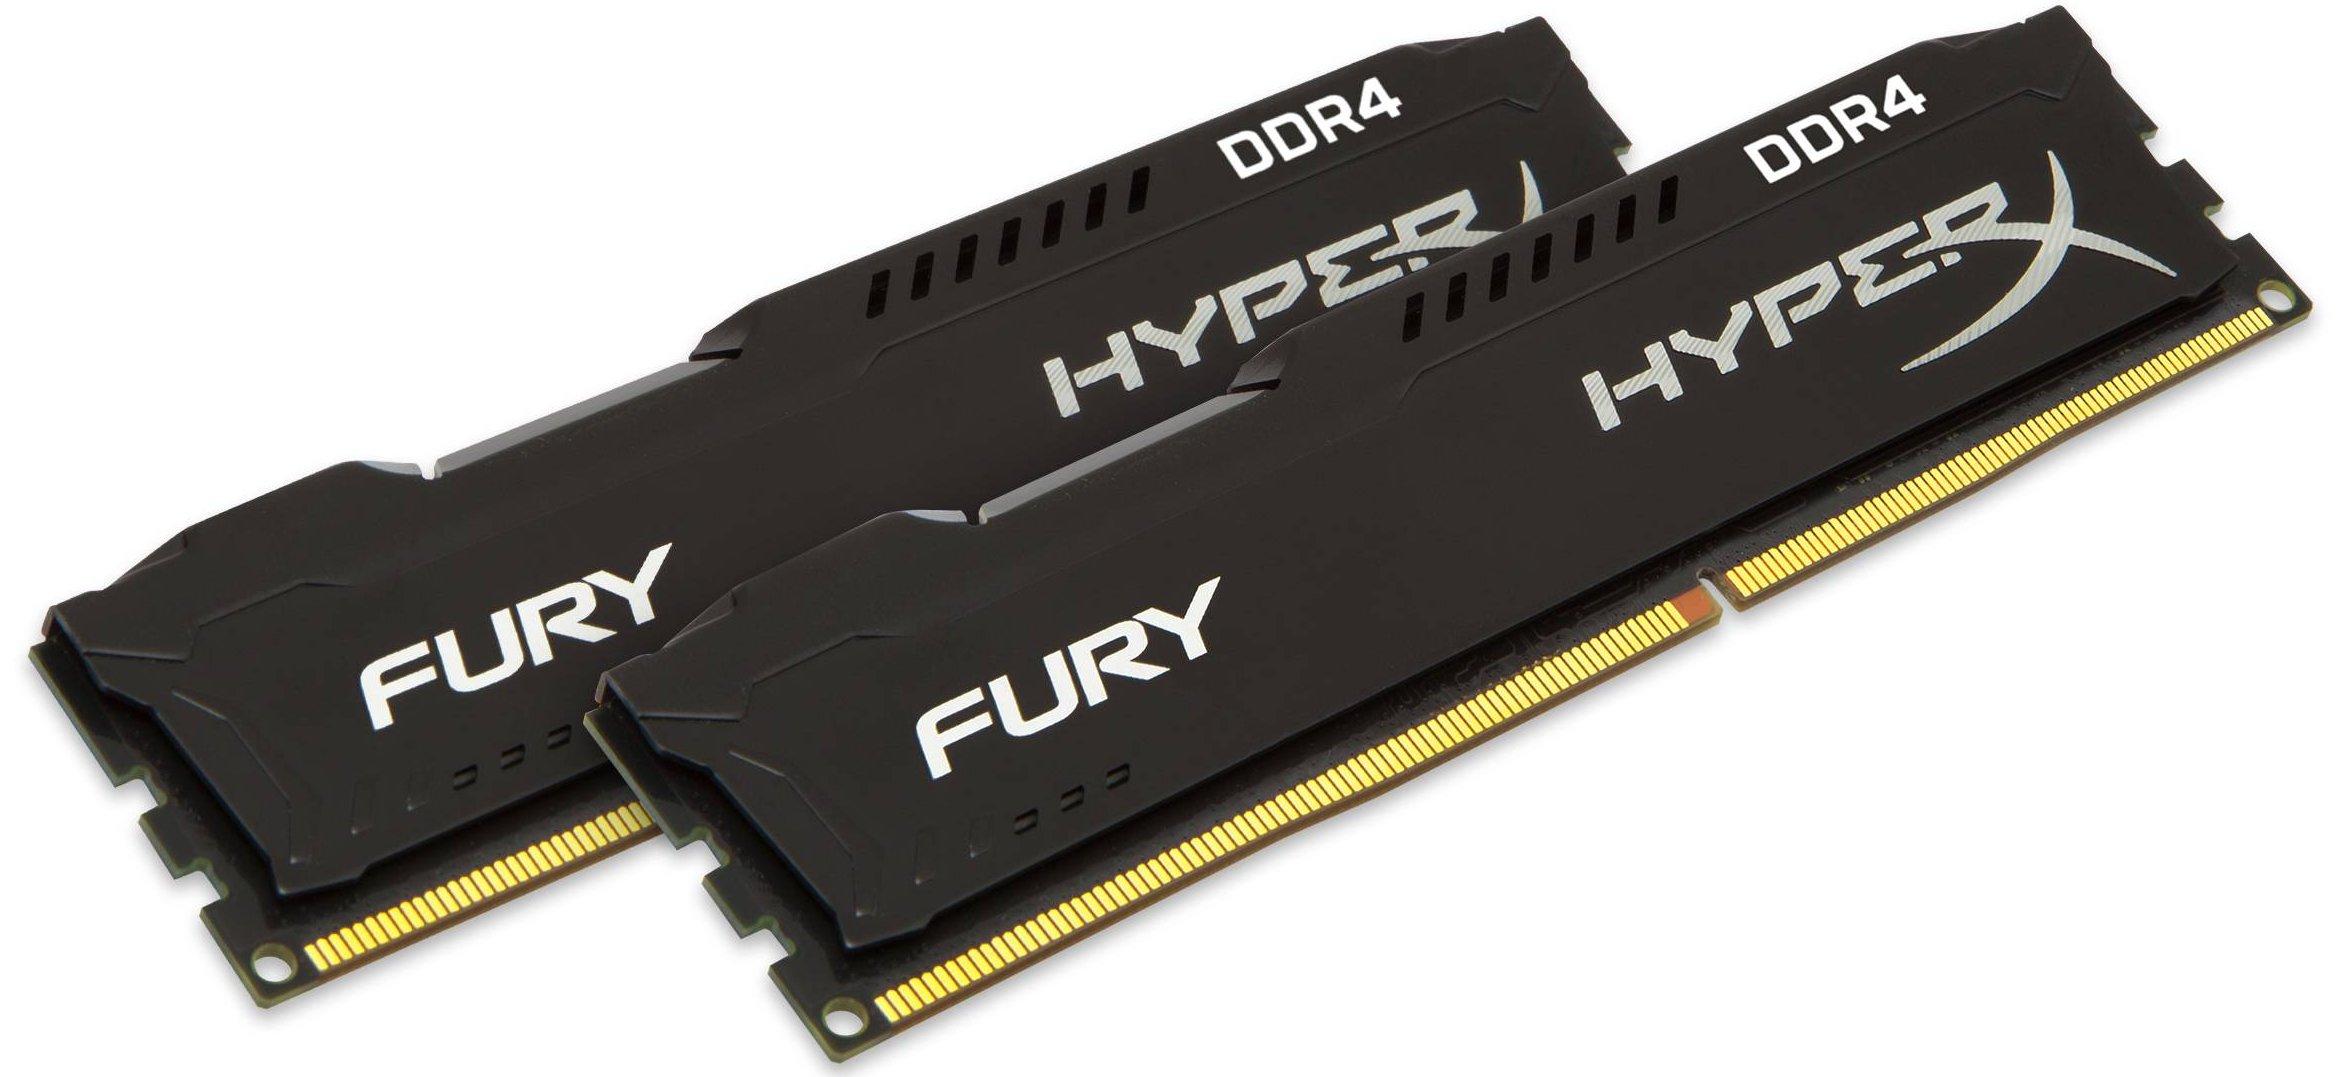 Wysokie ceny pamięci DRAM